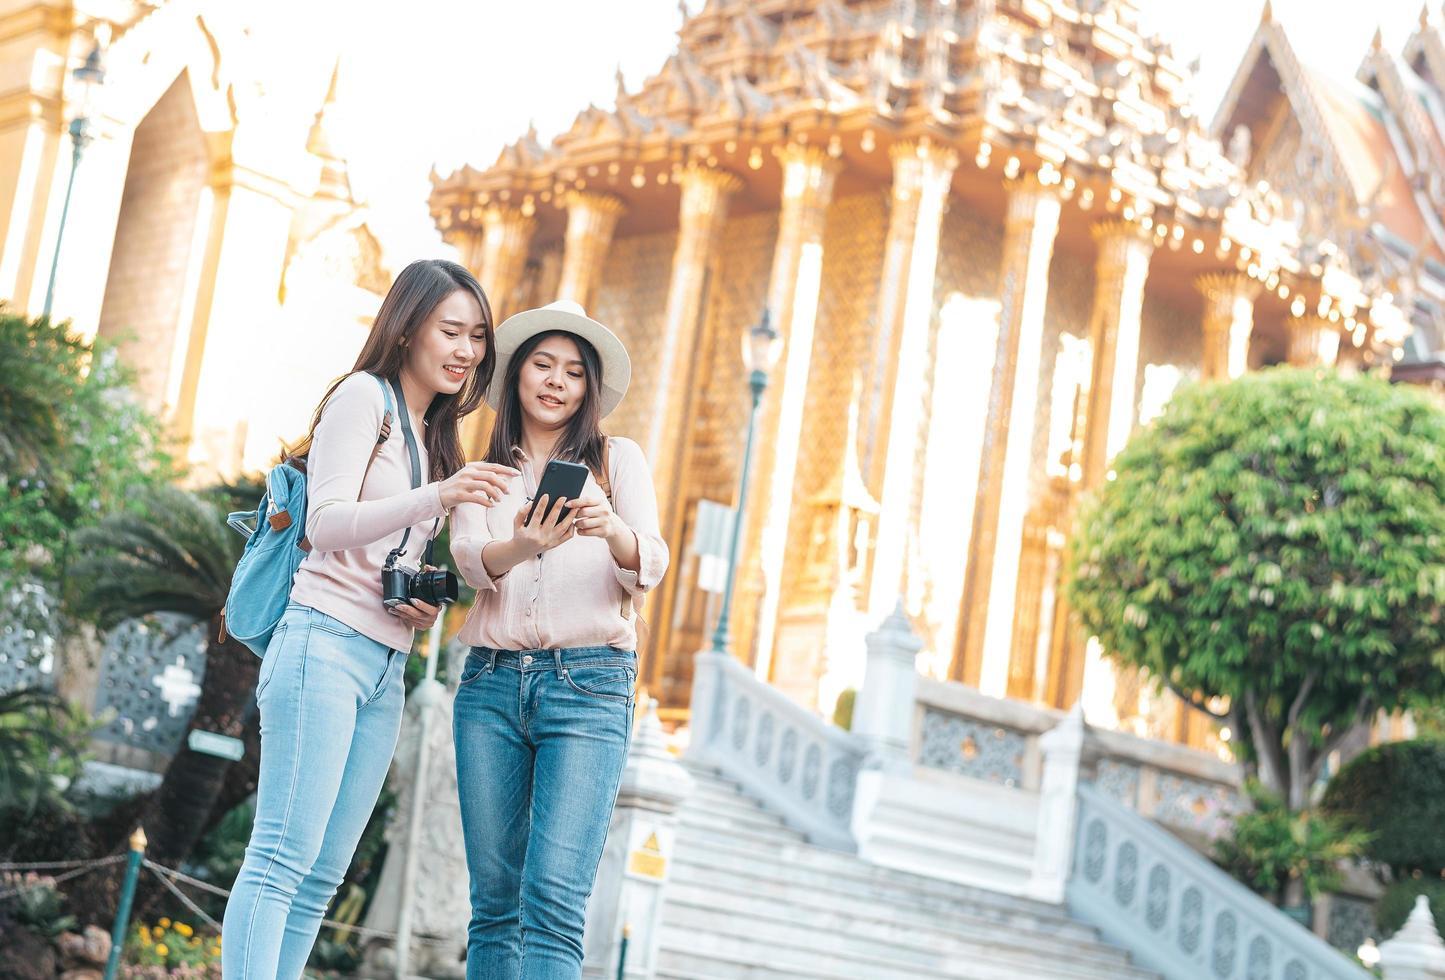 mujeres turistas tomando selfie foto